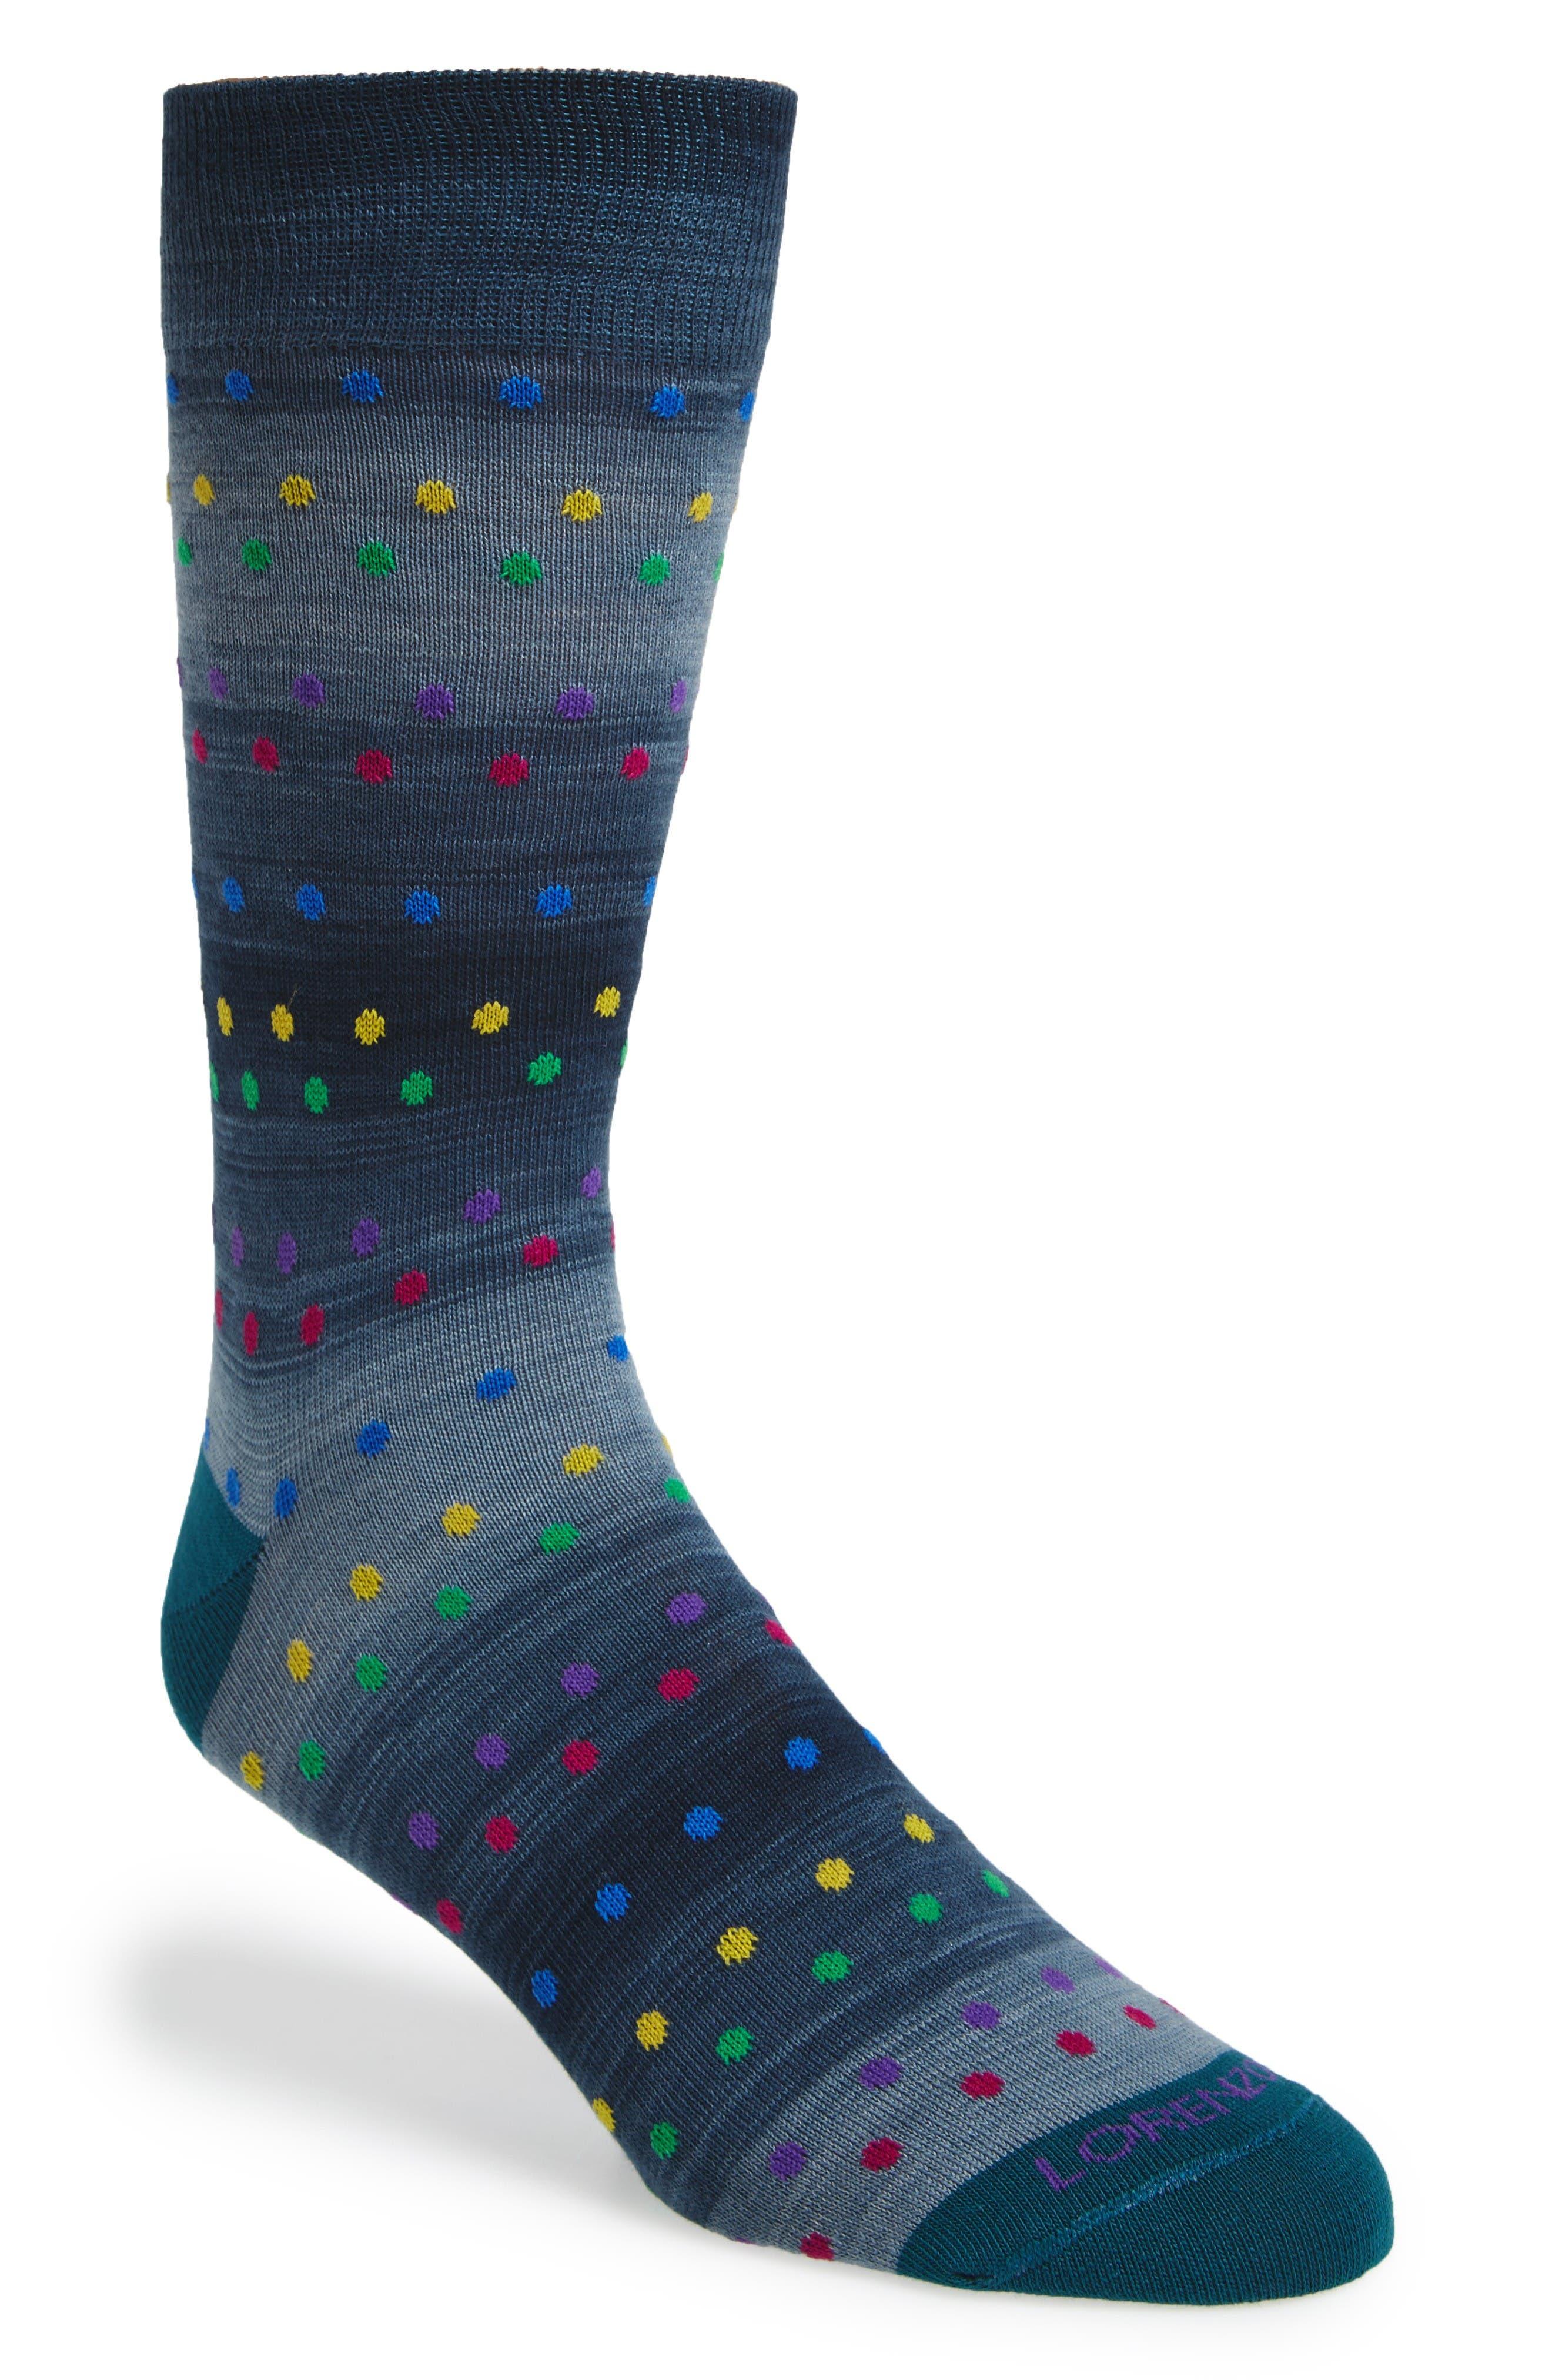 Lorenzo Uomo Dot Socks (3 for $30)